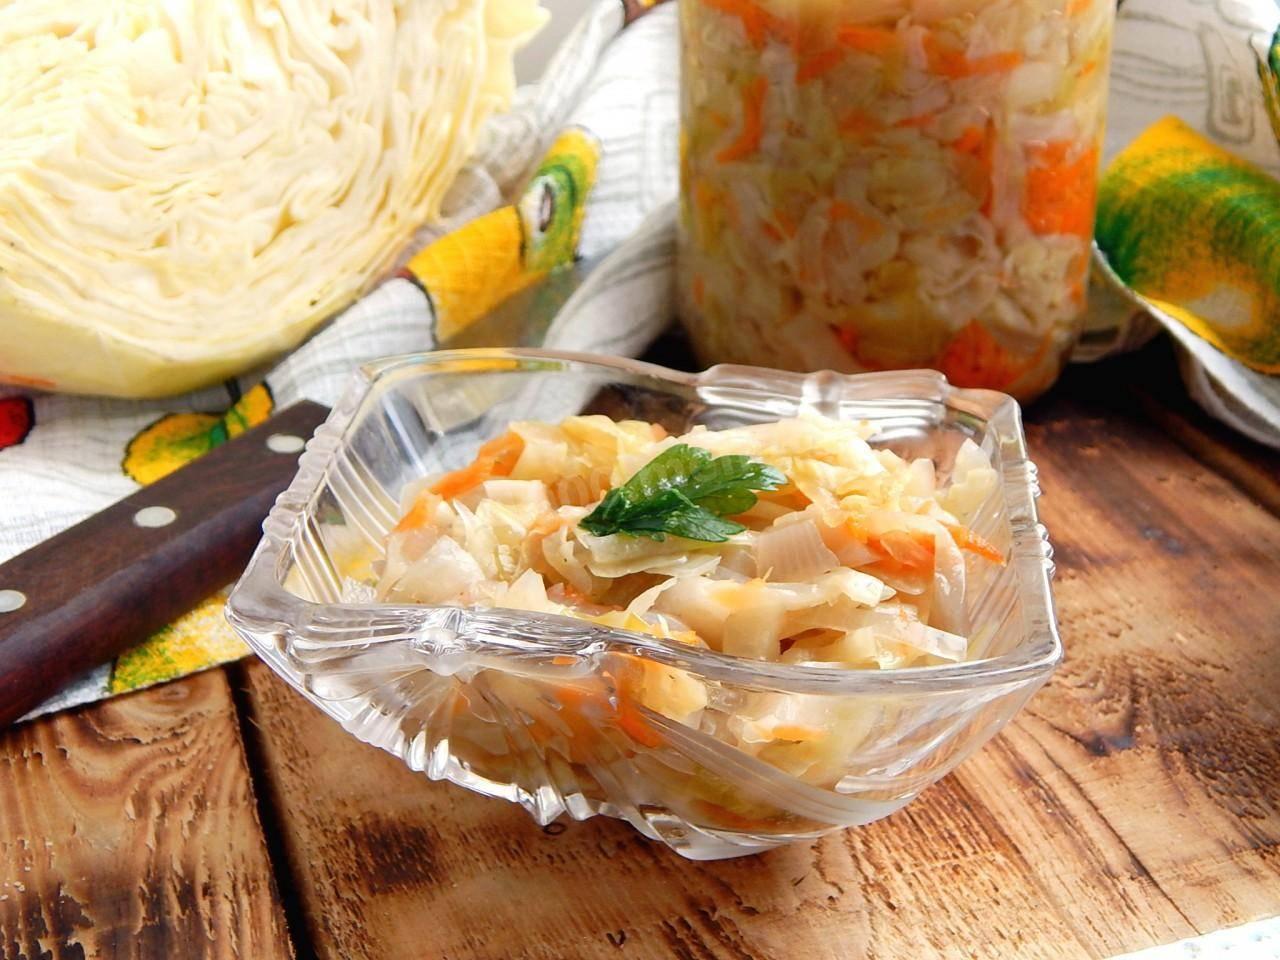 4 лучших рецепта приготовления квашеной капусты без соли